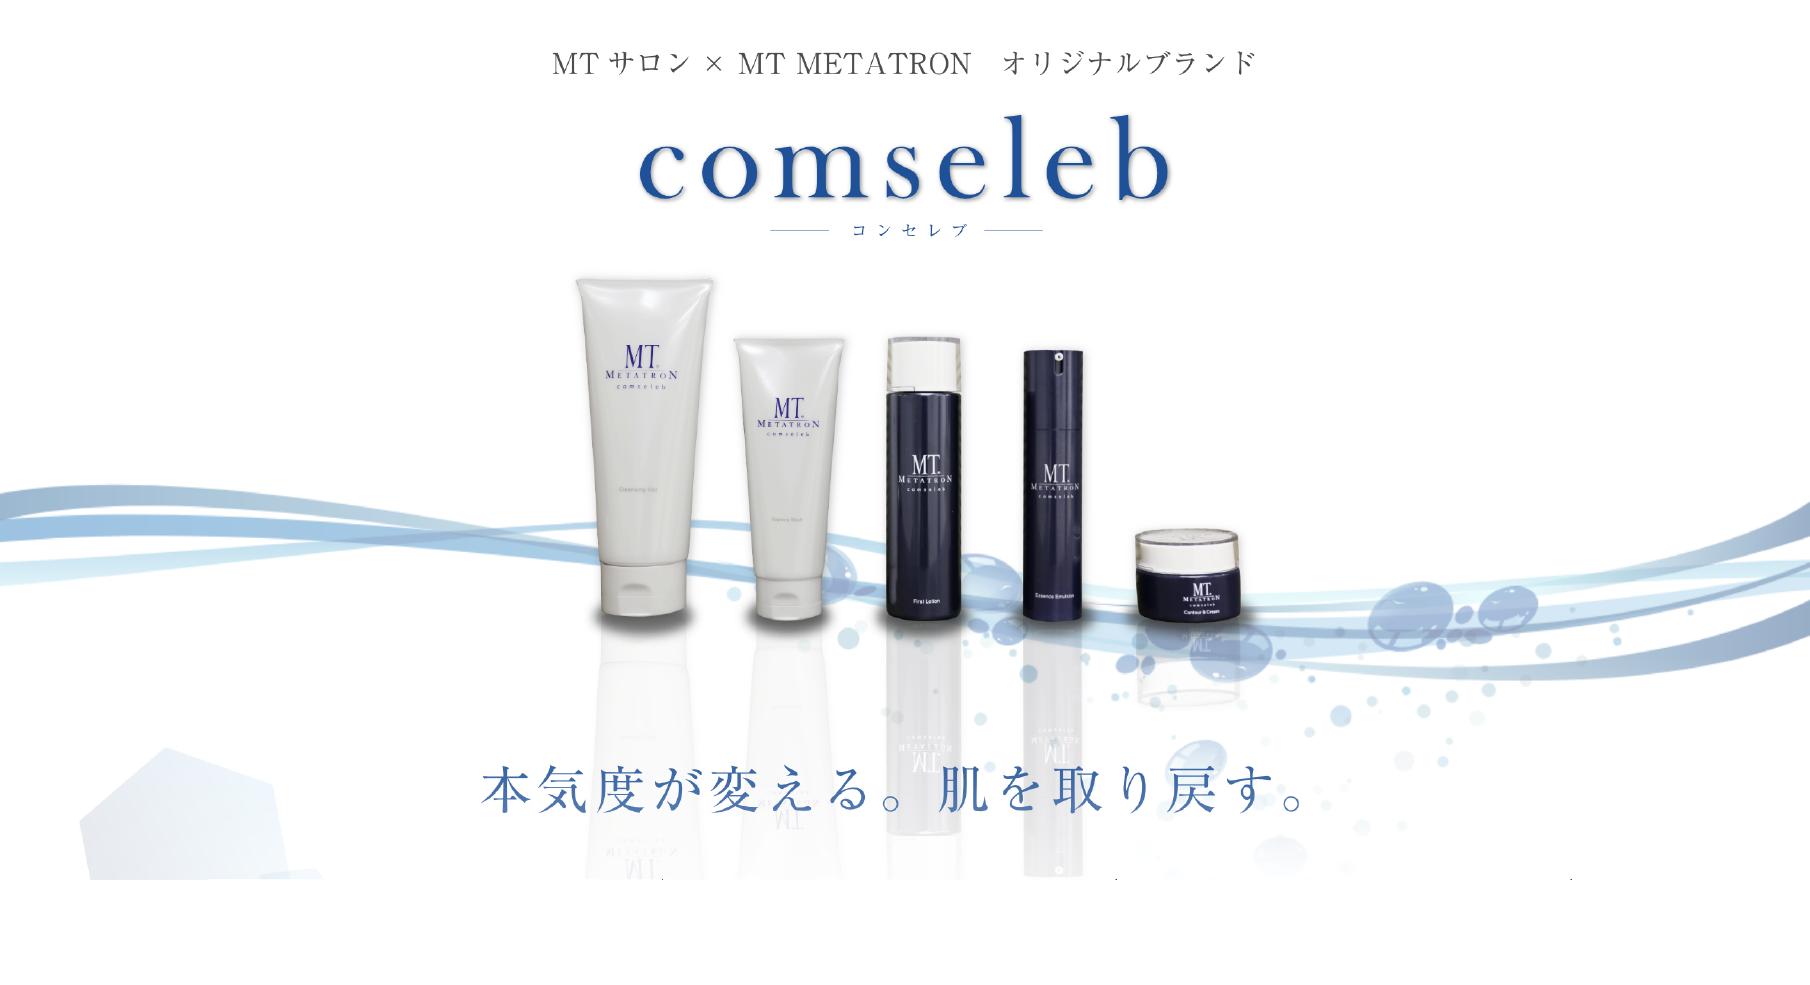 MTサロン×MT METATRON オリジナルブランド comseleb 本気度が変える。肌を取り戻す。